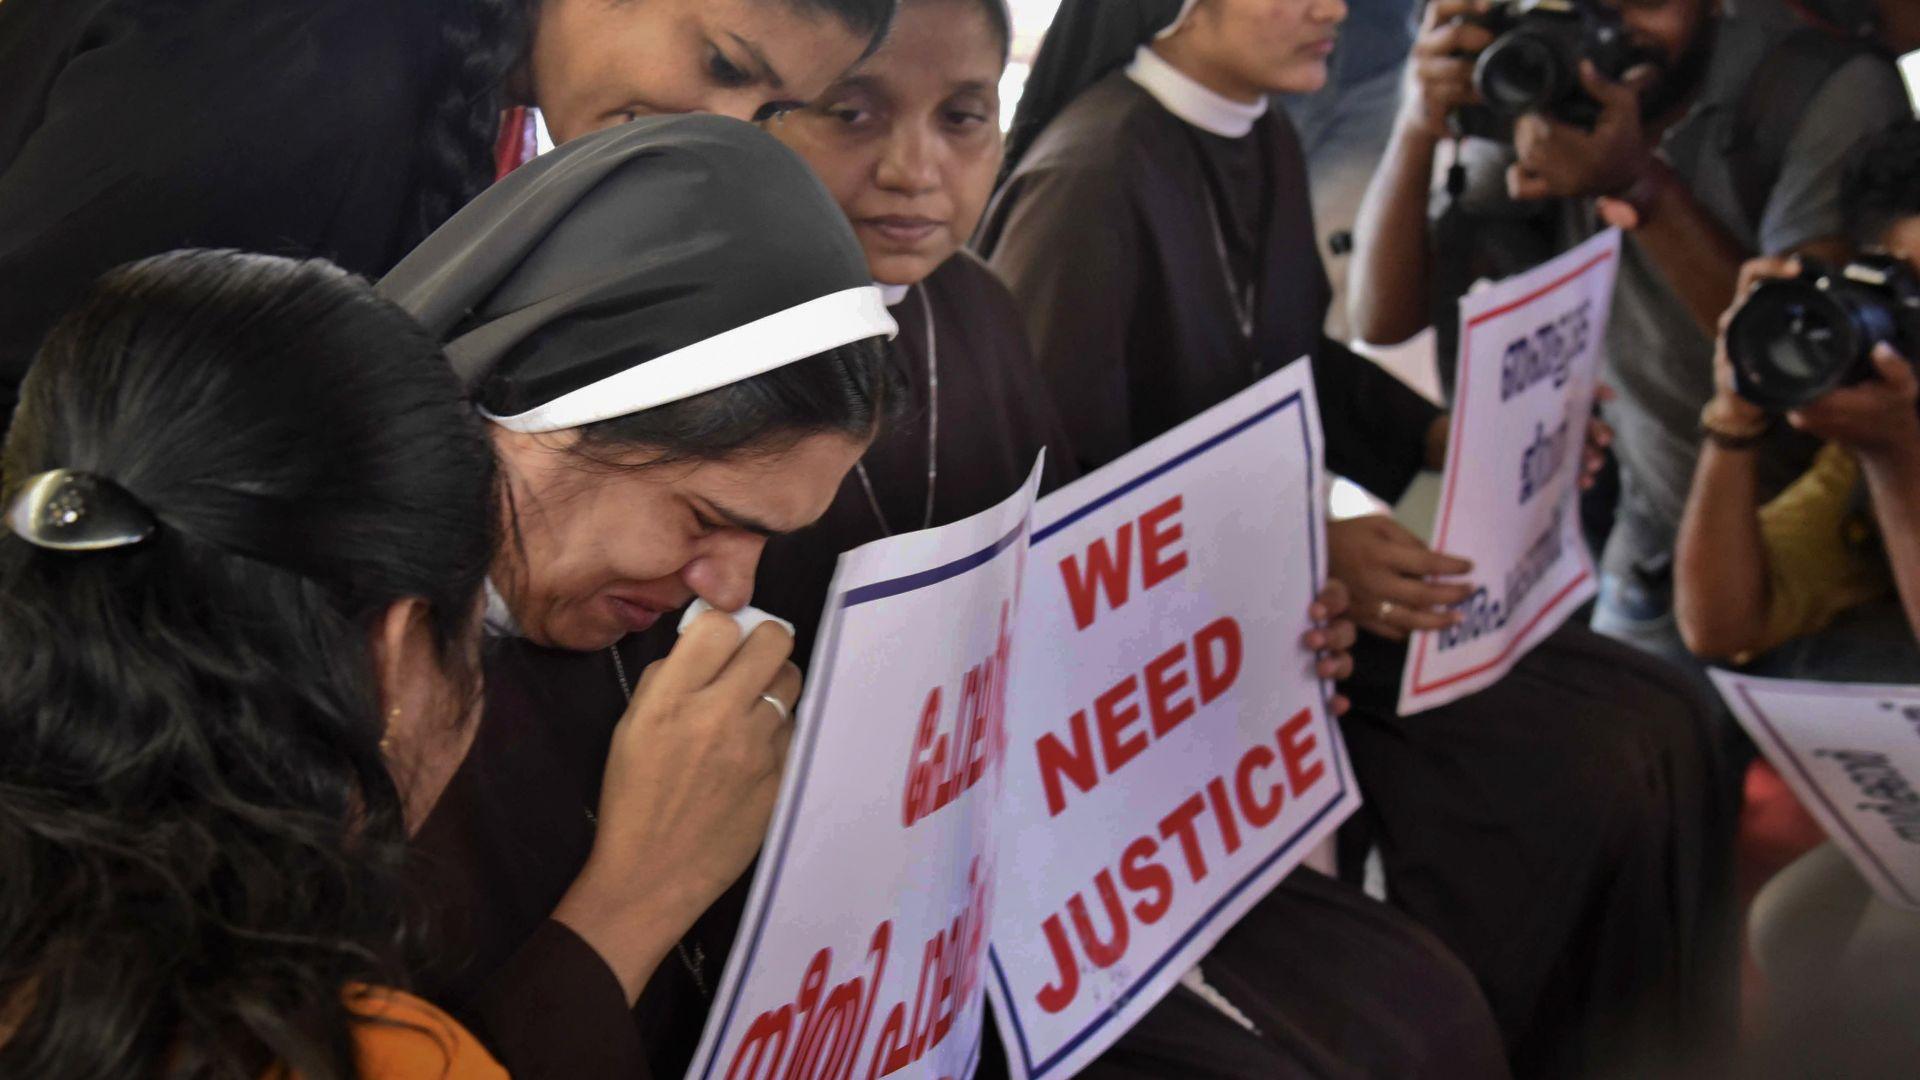 Нов скандал във Ватикана, индийски епископ изнасилвал монахиня